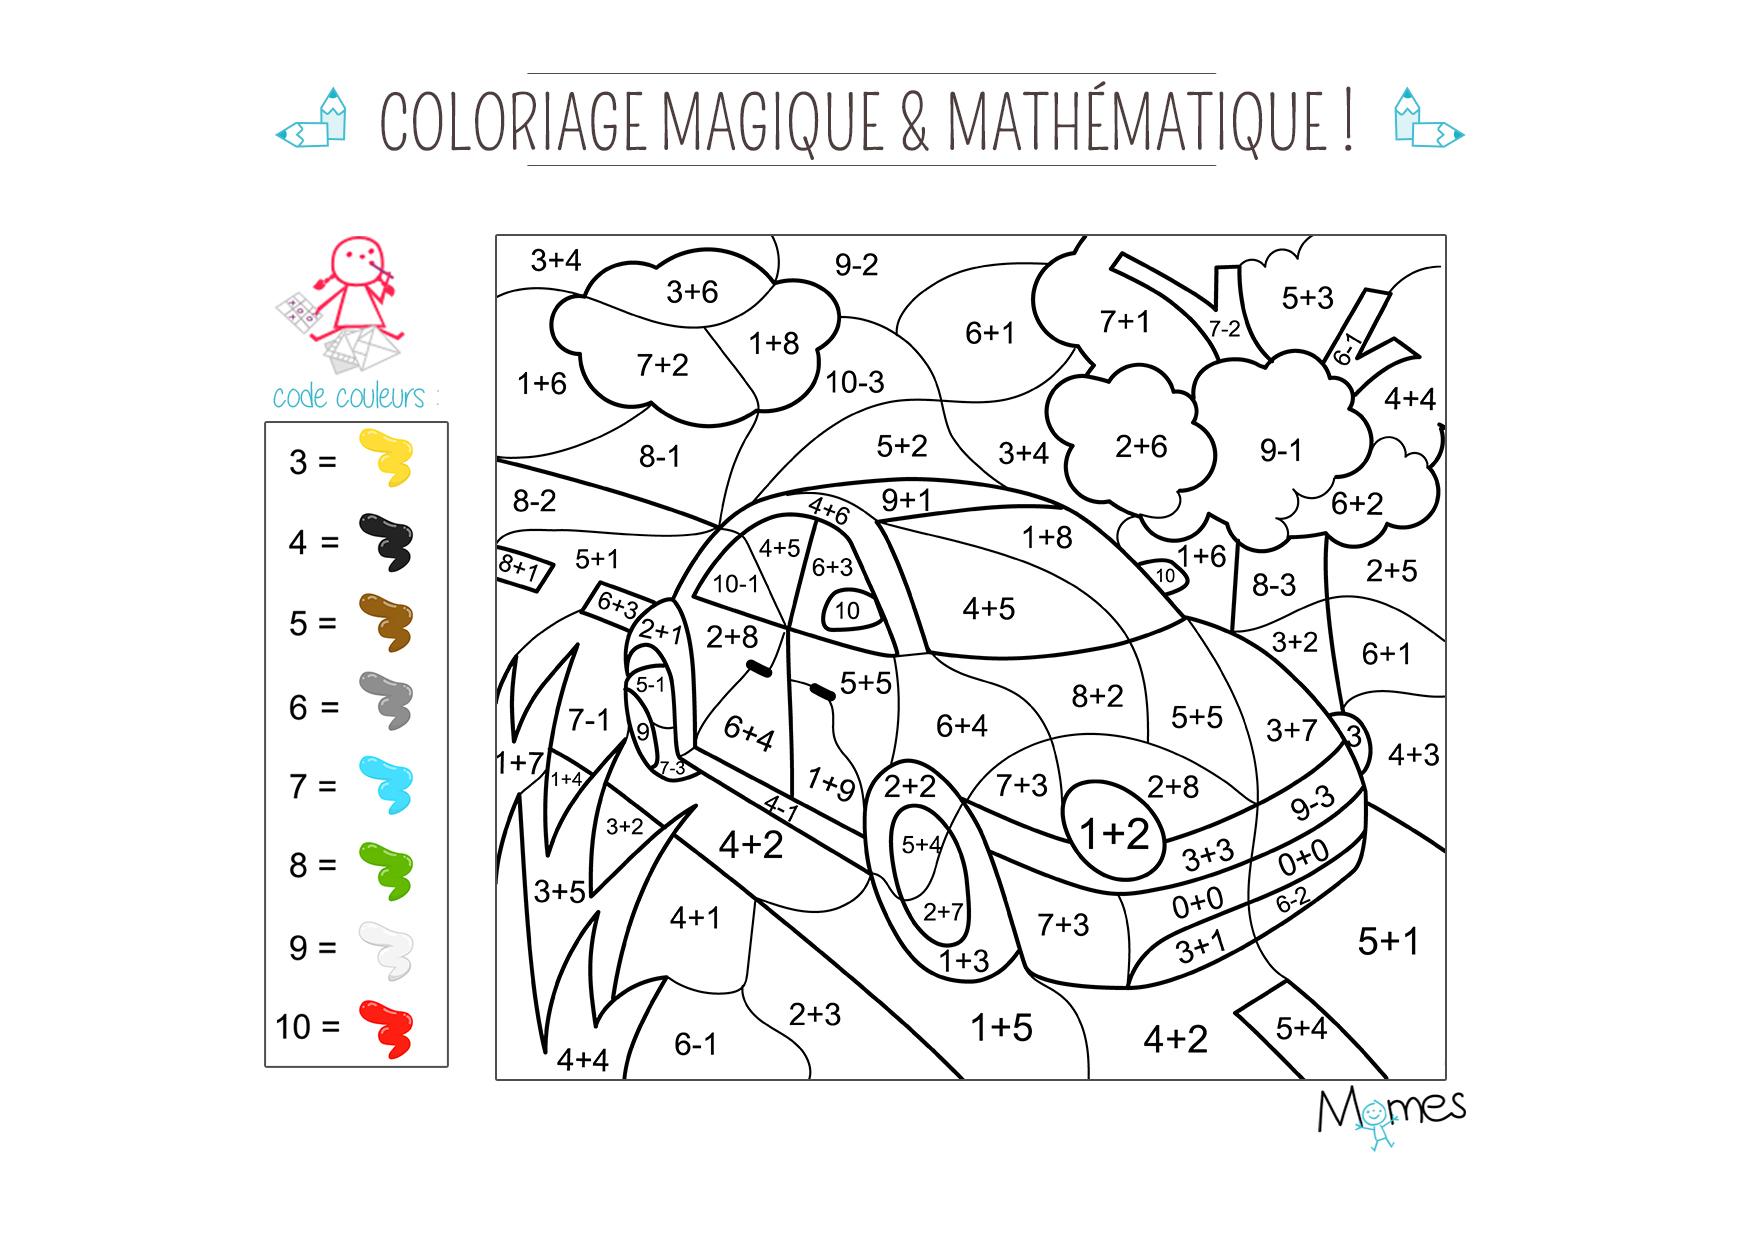 Coloriage Magique Et Mathématique : La Voiture - Momes à Coloriage Magique Pour Enfant